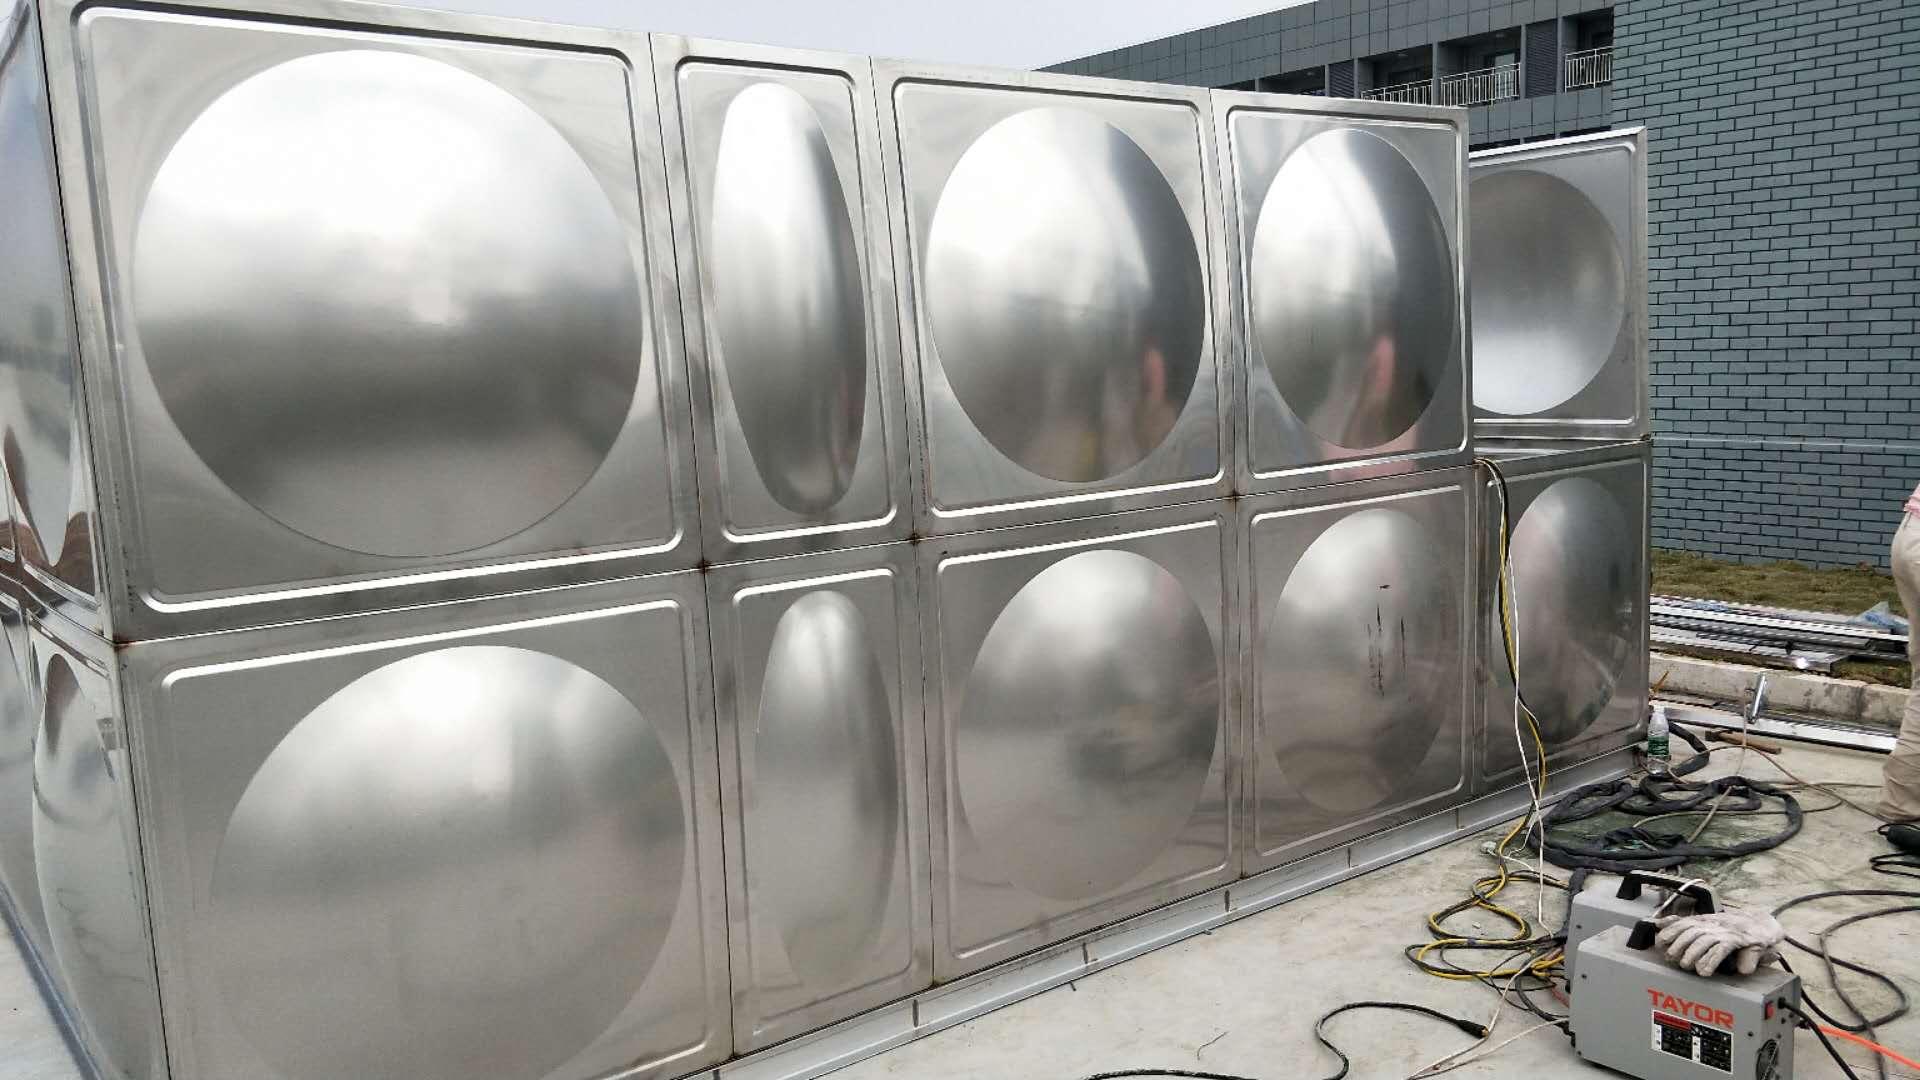 漯河力源不锈钢消防水箱厂家 方形水箱厂家